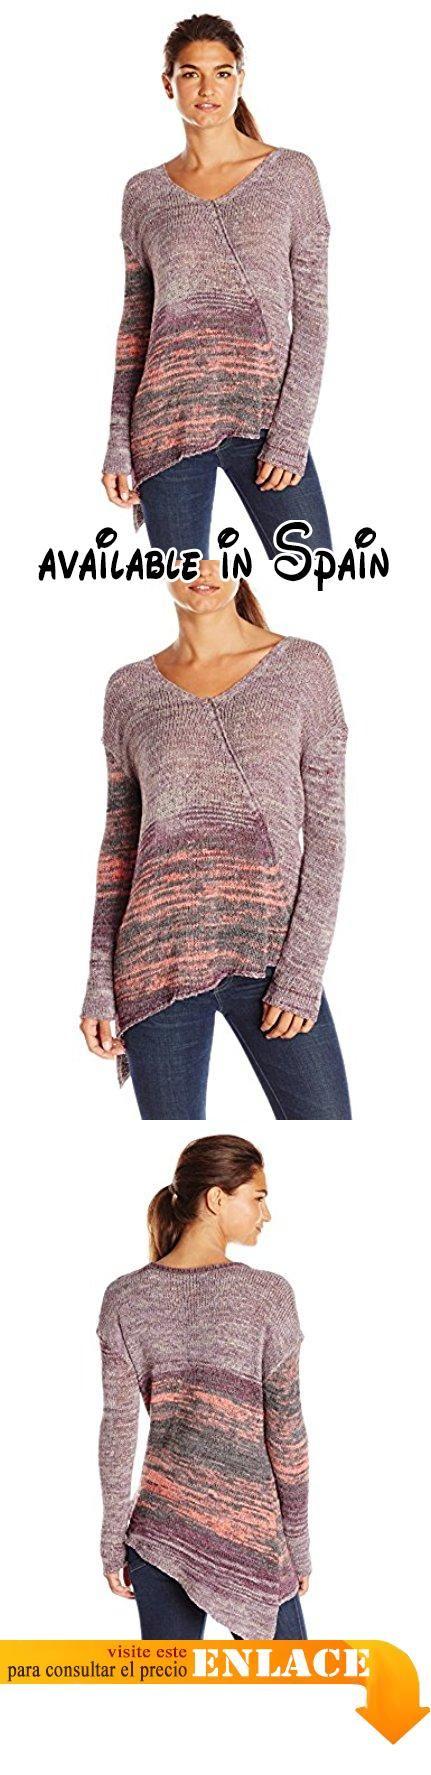 prAna Women's Vignette Sweater, Purple Tart, Small. El jersey de viñeta es un efecto de funky, off-kilter Wrap con un profundo, pico femenino, Asimétrico Dobladillo y mangas hacia atrás de gran comodidad y estilo. 60% Acrílico, 40% Nylon. Multicolor cinta jersey hilo. Cuello en V con dobladillo asimétrico frontal y dobladillo. Ajuste relajado #Deportes #SWEATER